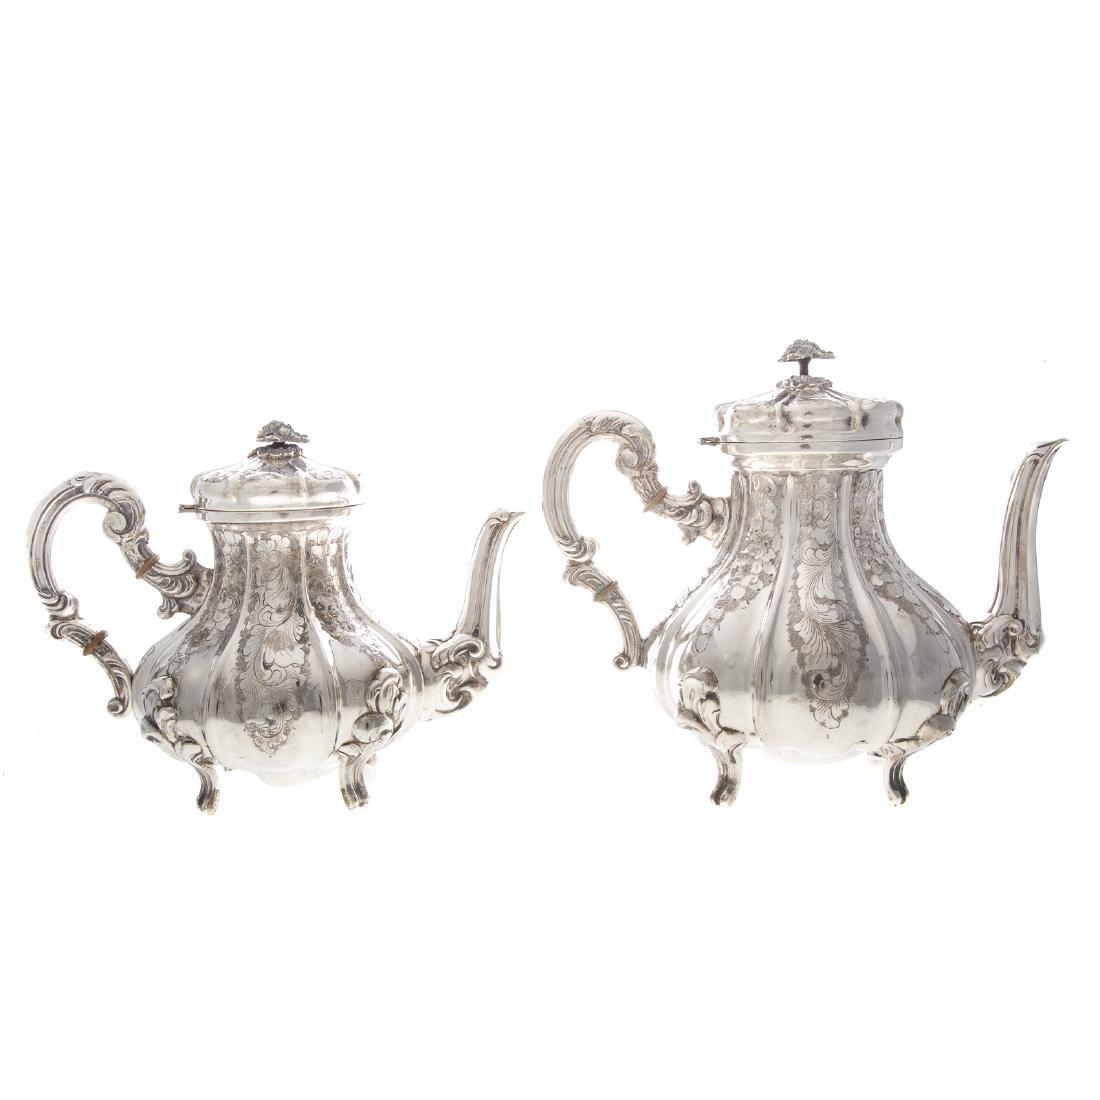 Italian silver 4-piece coffee & tea service - 2